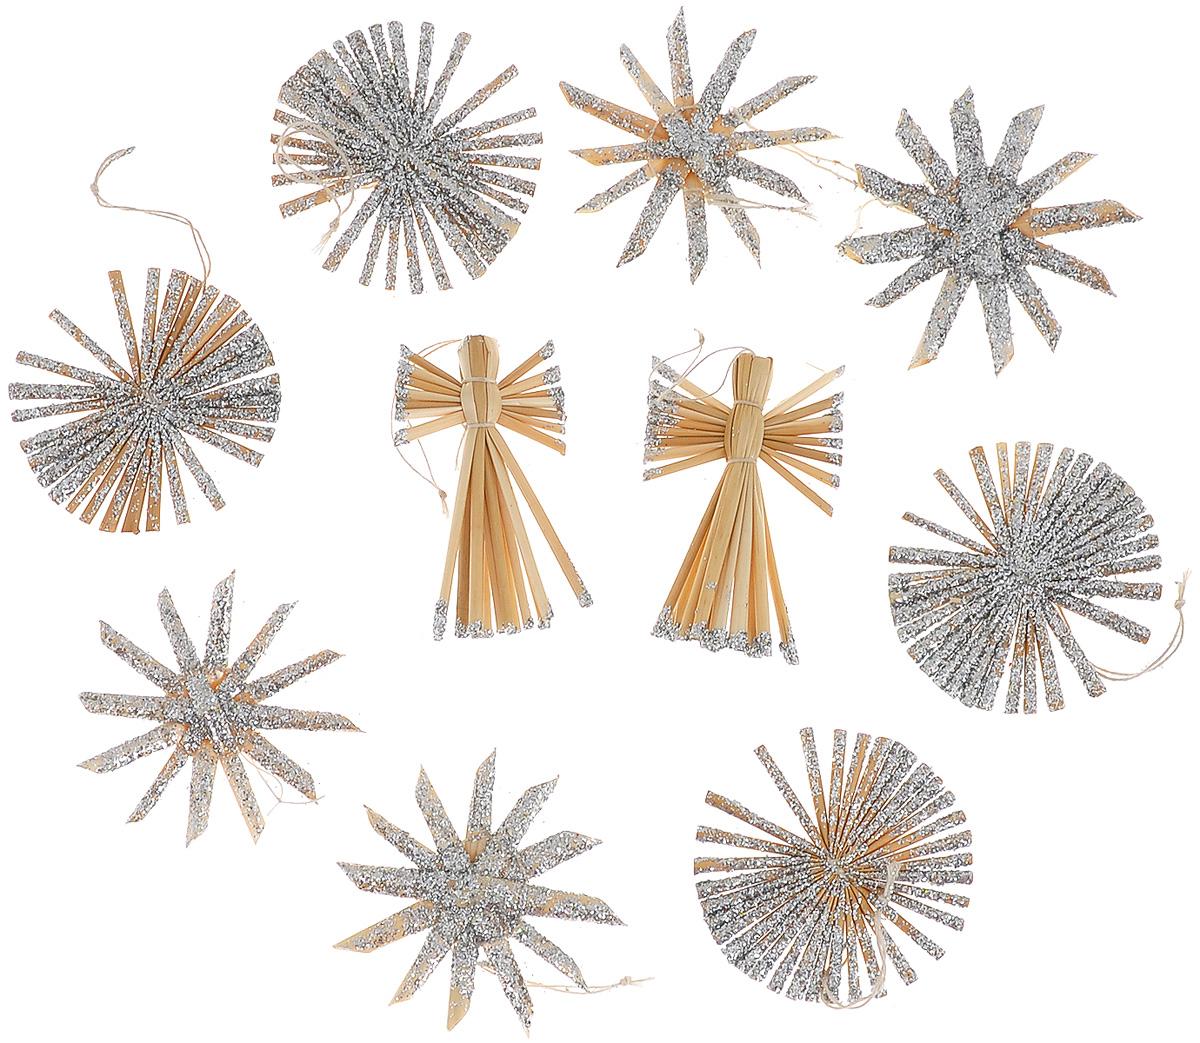 Набор новогодних подвесных украшений Феникс-презент Ангелы и звезды, цвет: серебристый, светло-коричневый, 10 шт38194Набор Феникс-презент Ангелы и звезды, состоящий из 10 новогодних подвесныхукрашений, отлично подойдет для декорации вашего дома и новогодней ели. Изделия выполнены из соломы в виде ангелочков и звезд, оформленных блестками. Украшения имеют специальные петельки для подвешивания. Коллекция декоративных украшений Феникс-презент Ангелы и звезды принесет вваш дом ни с чем не сравнимое ощущение праздника!Средний размер украшения: 5,5 см х 5,5 см.